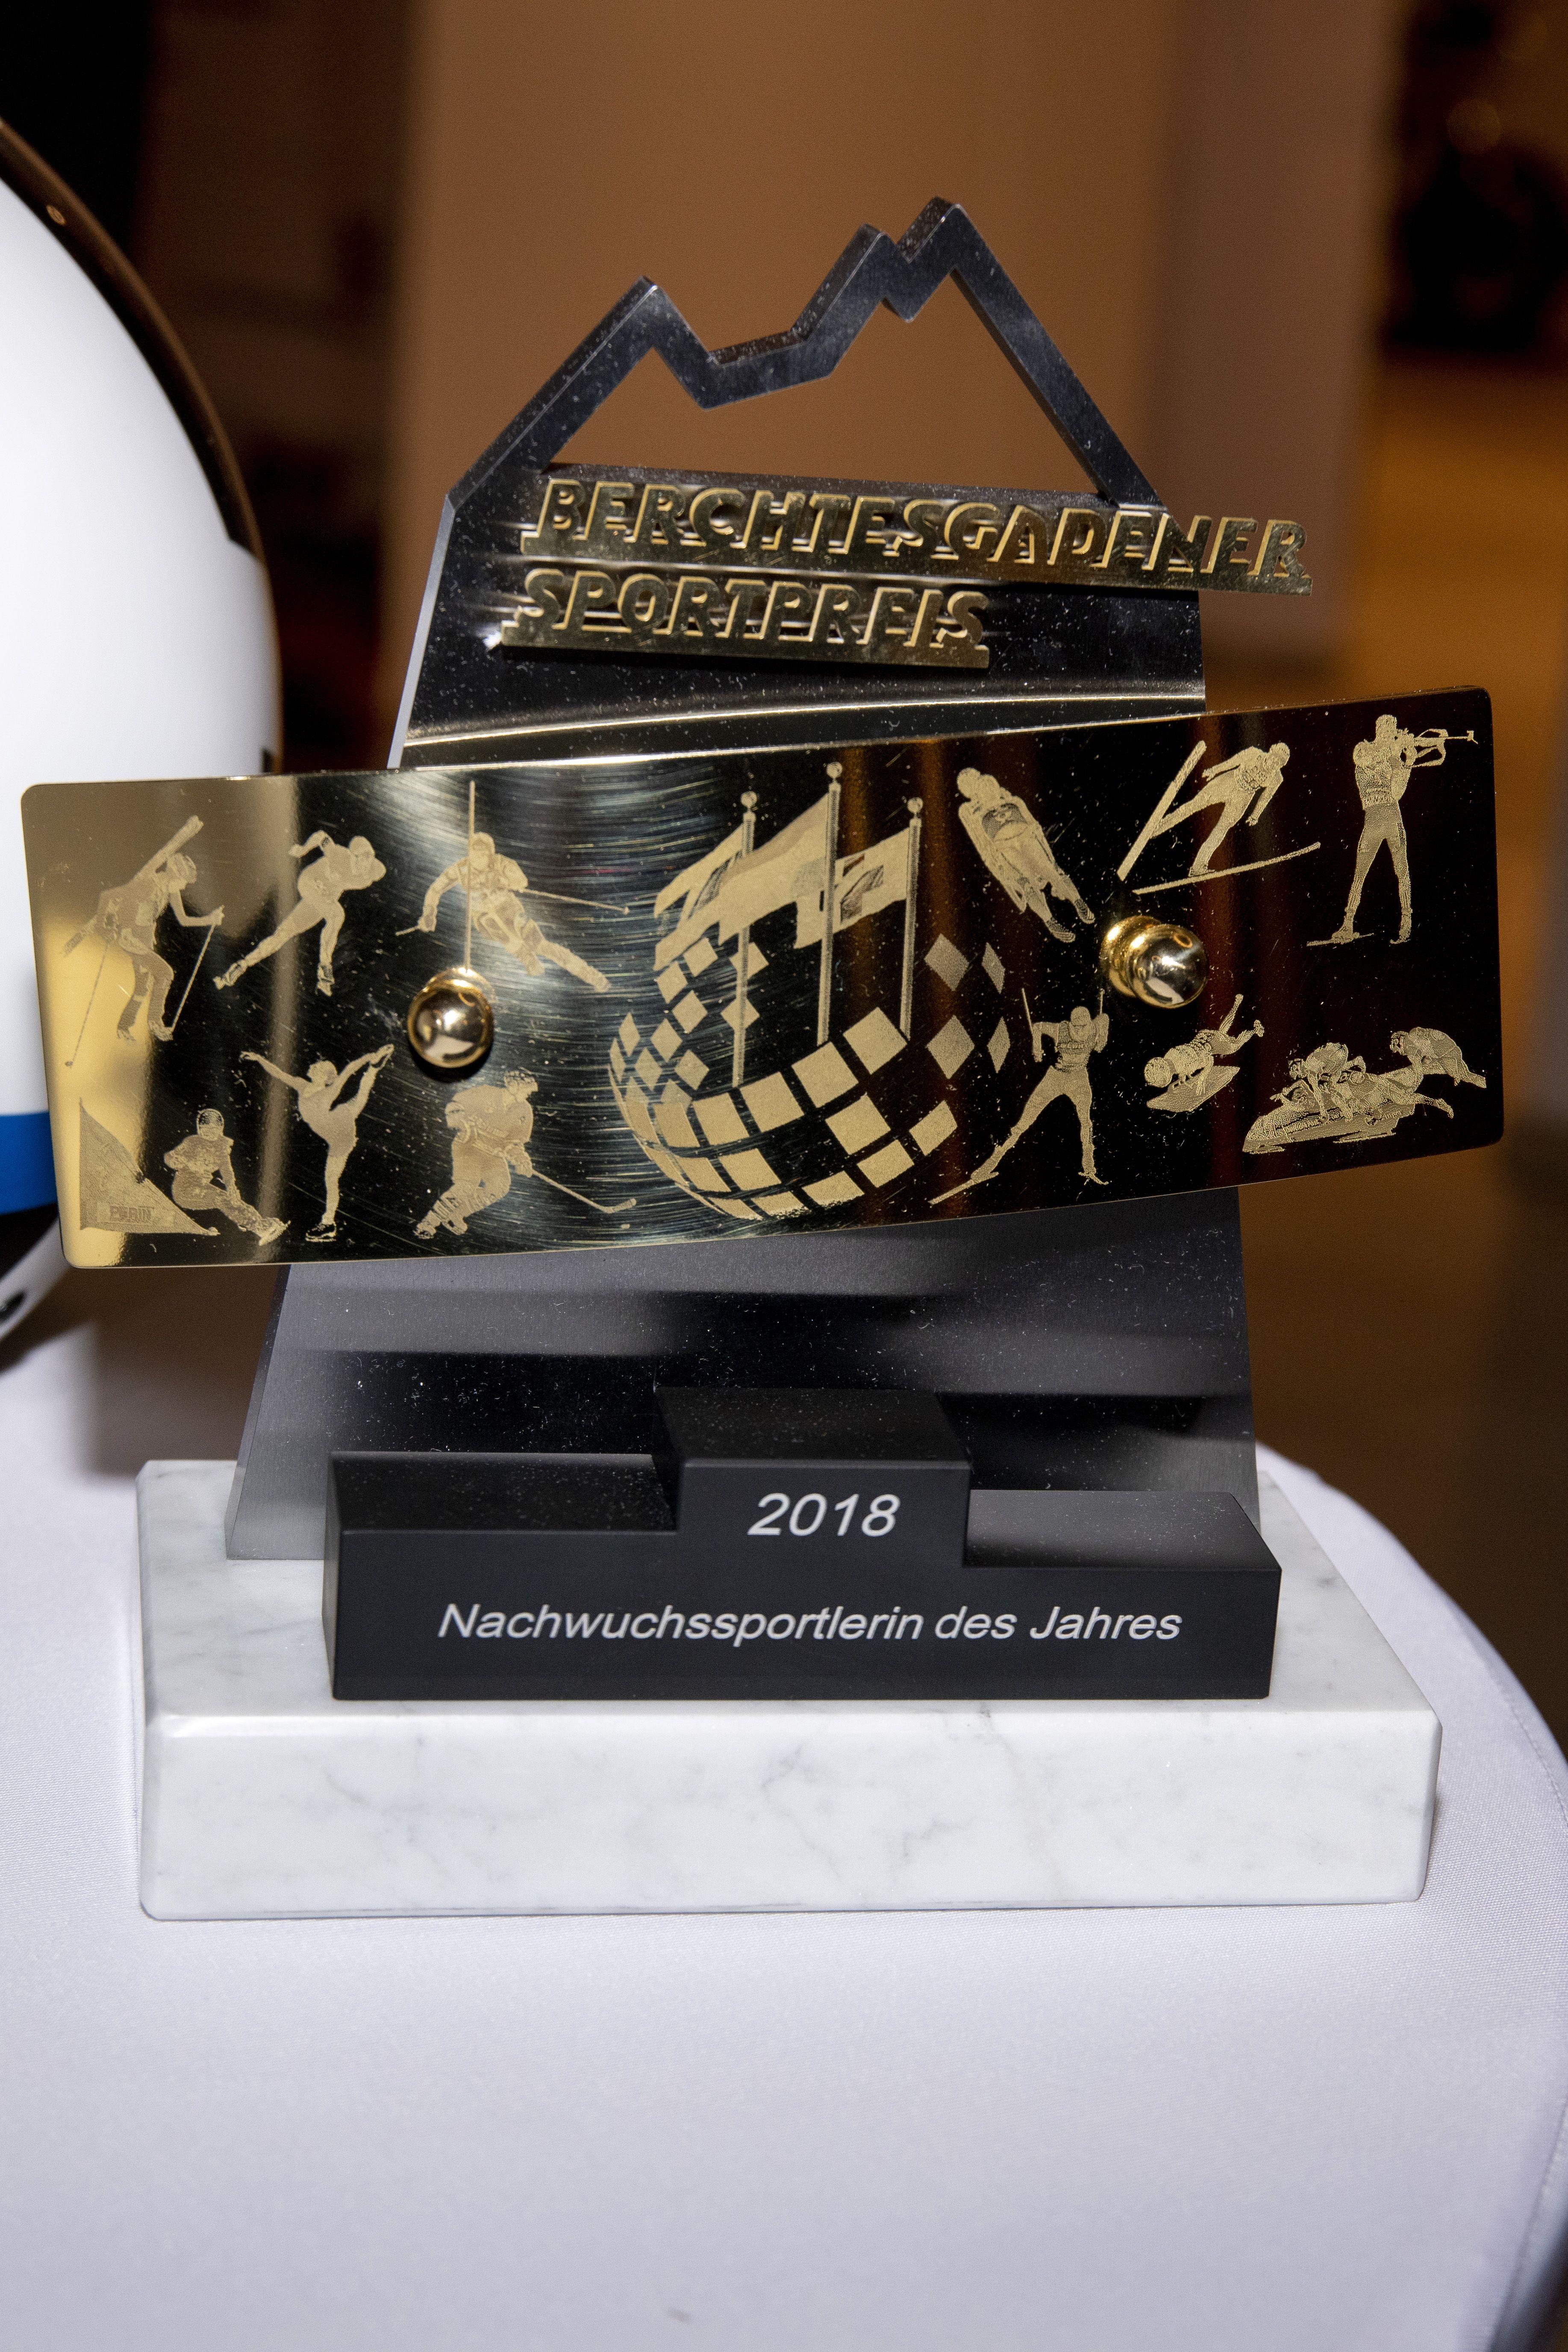 04.05.2018, Sportgala,  Kur- und Kongresshaus, Berchtesgaden